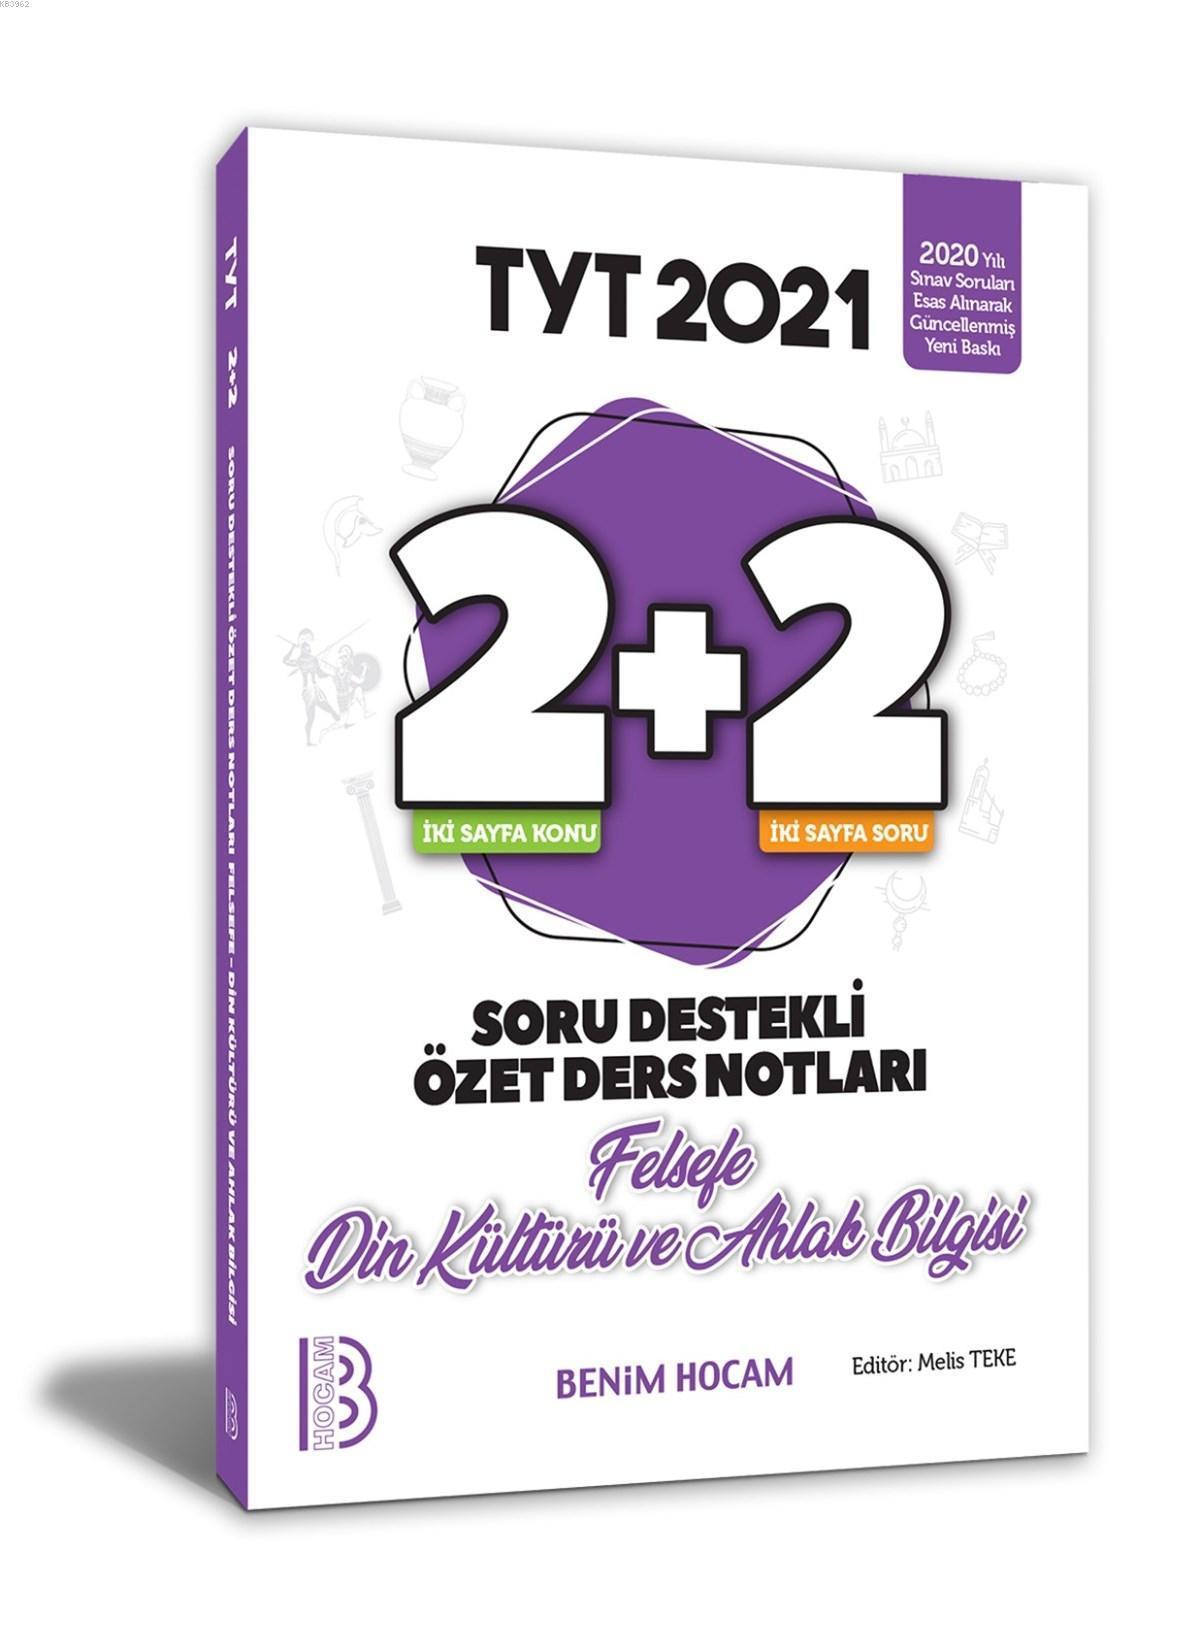 2021 YKS TYT Felsefe - Din Kültürü ve Ahlak Bilgisi 2+2 Soru Destekli Özet Ders Notları Benim Hocam